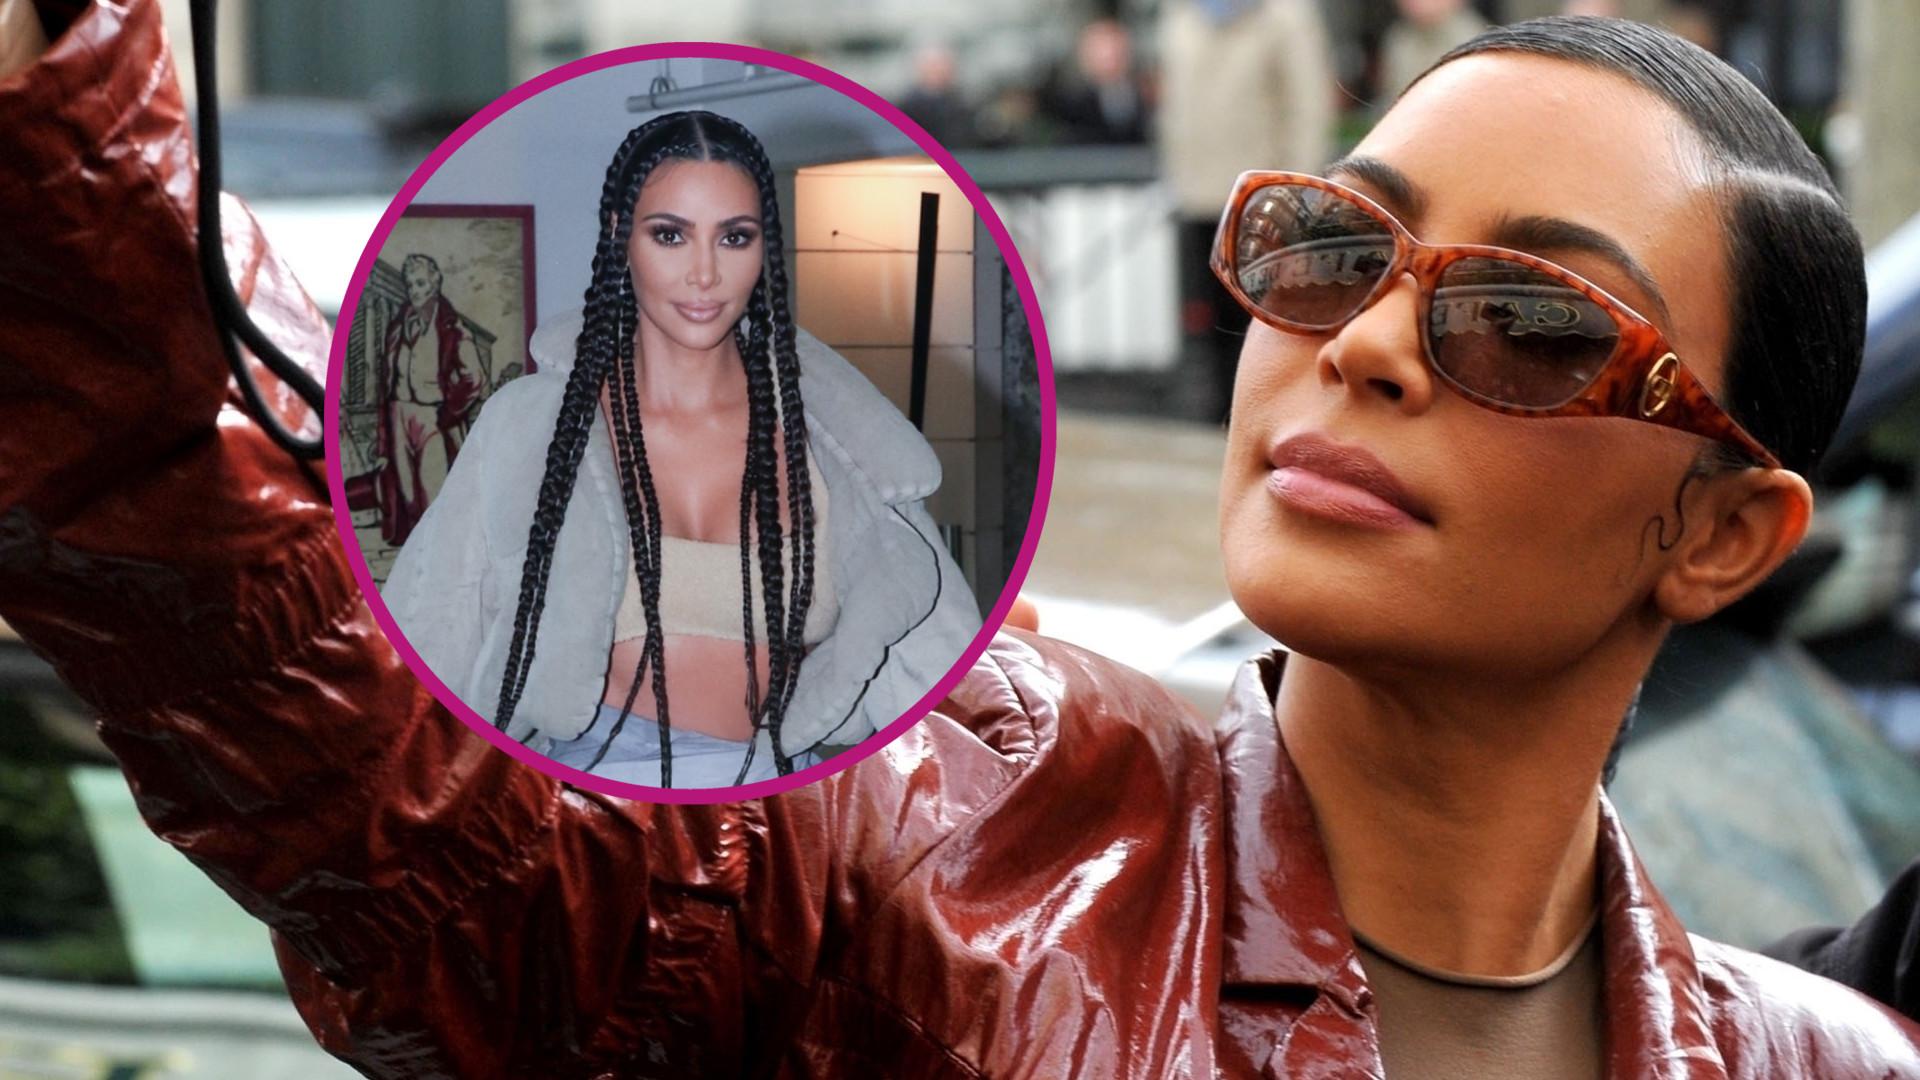 KOGO TO OBCHODZI, KIMBERLY?! Fani Kim Kardashian drwią z jej ostatniego tweeta